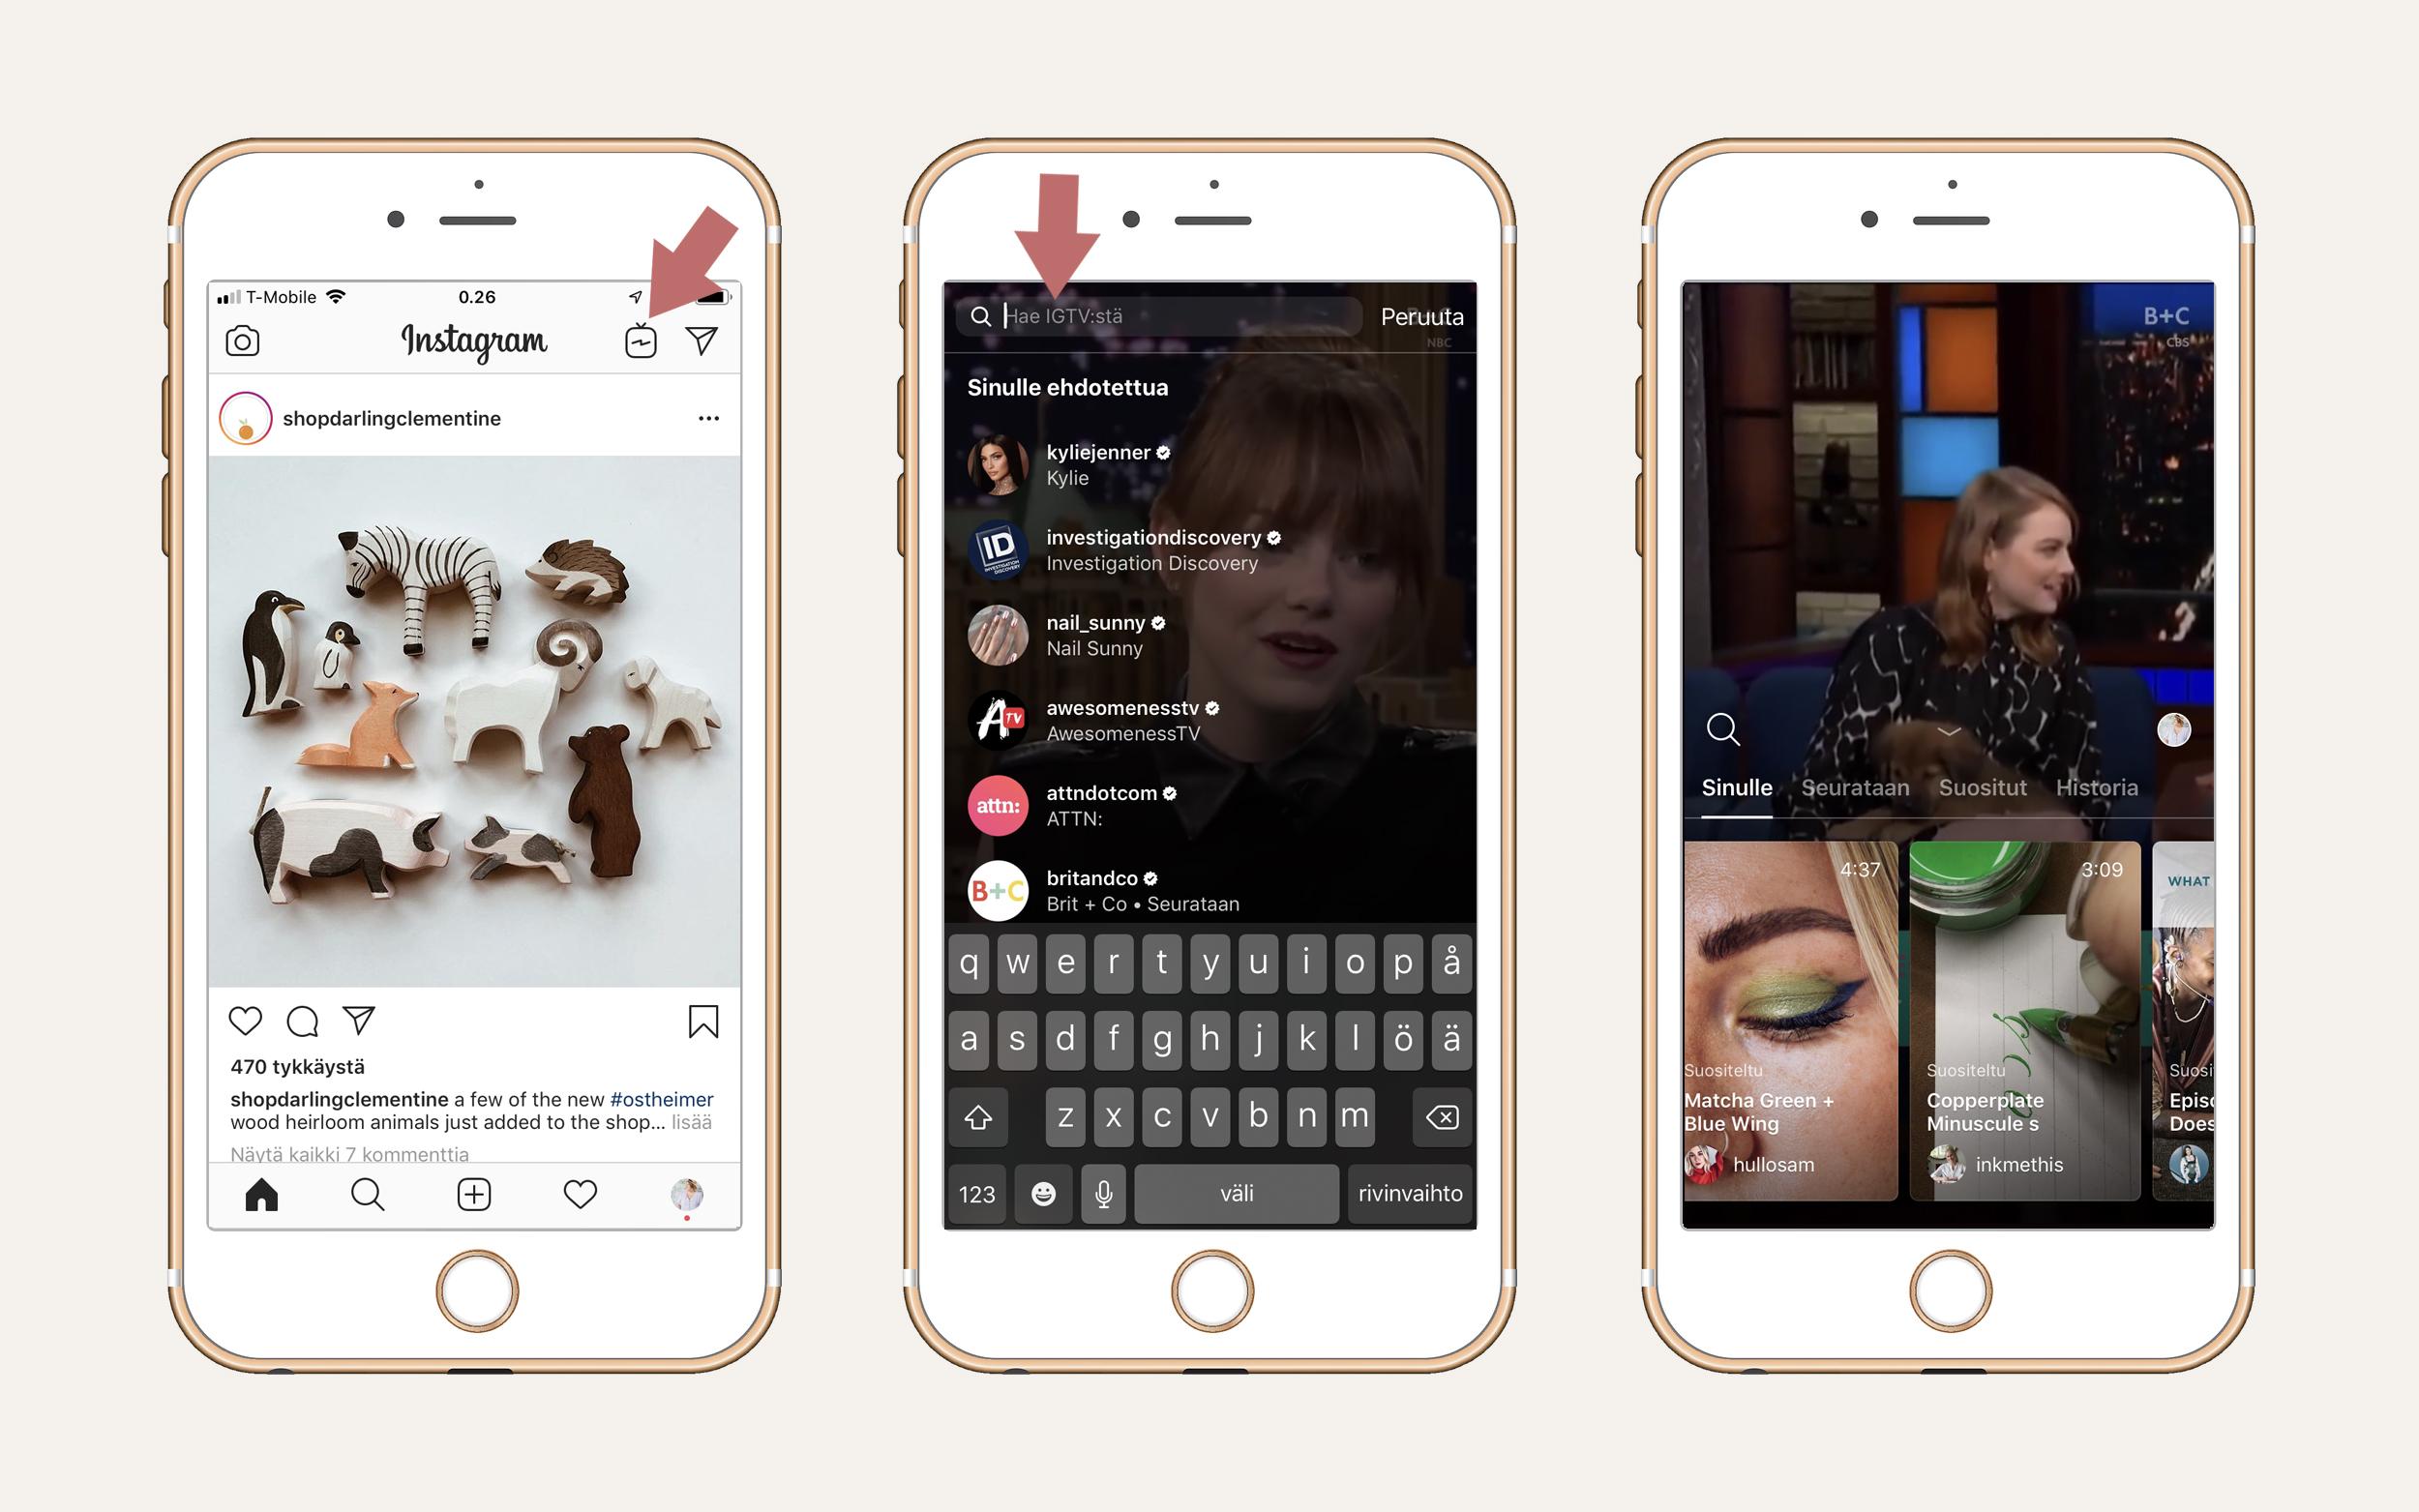 Perus kuvavirta näkymässä eli Instagram feedissä Instagram TV:seen pääsee vasemman puolimmaisen kuvan nuolen osoittamasta kohdasta. IGTV automaattisesti antaa sinulle ehdotuksia pitämäsi sisällön perusteella ('Sinulle'), näyttää niiden tilien IGTV videoita, joita seuraat normaalin Instagramin puolella ('Seurataan'), sekä listaa kanavan sisällä suosittuja sisältöjä ('Suositut'). IGTV:n puolella voit myös itse hakea sisältöjä haulla.